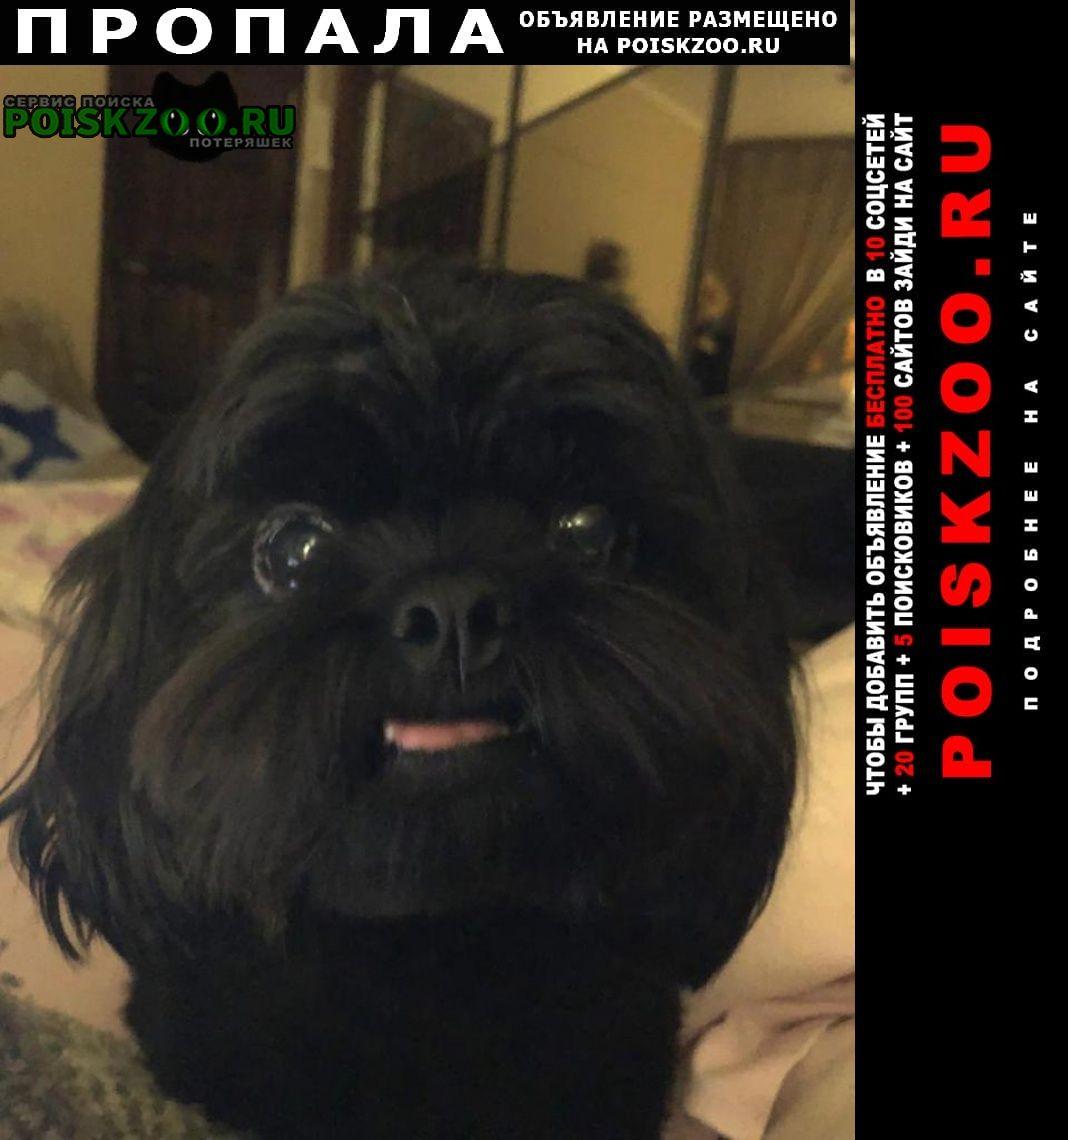 Пропала собака черный ши тцу Москва